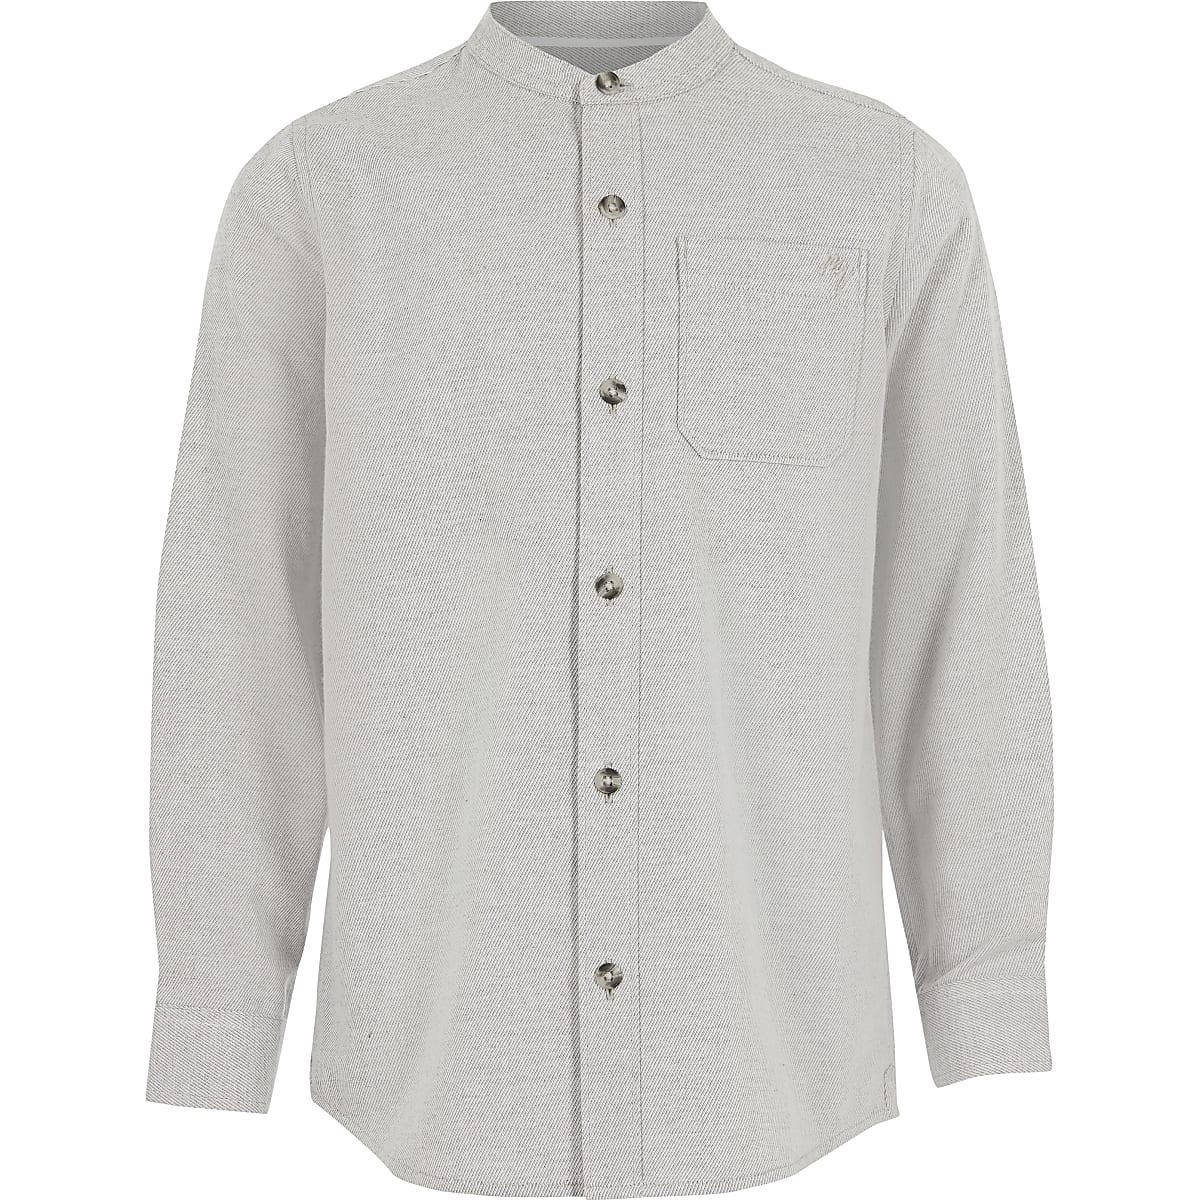 Grijze getextureerdoverhemd van twill-stof zonder kraag voor jongens